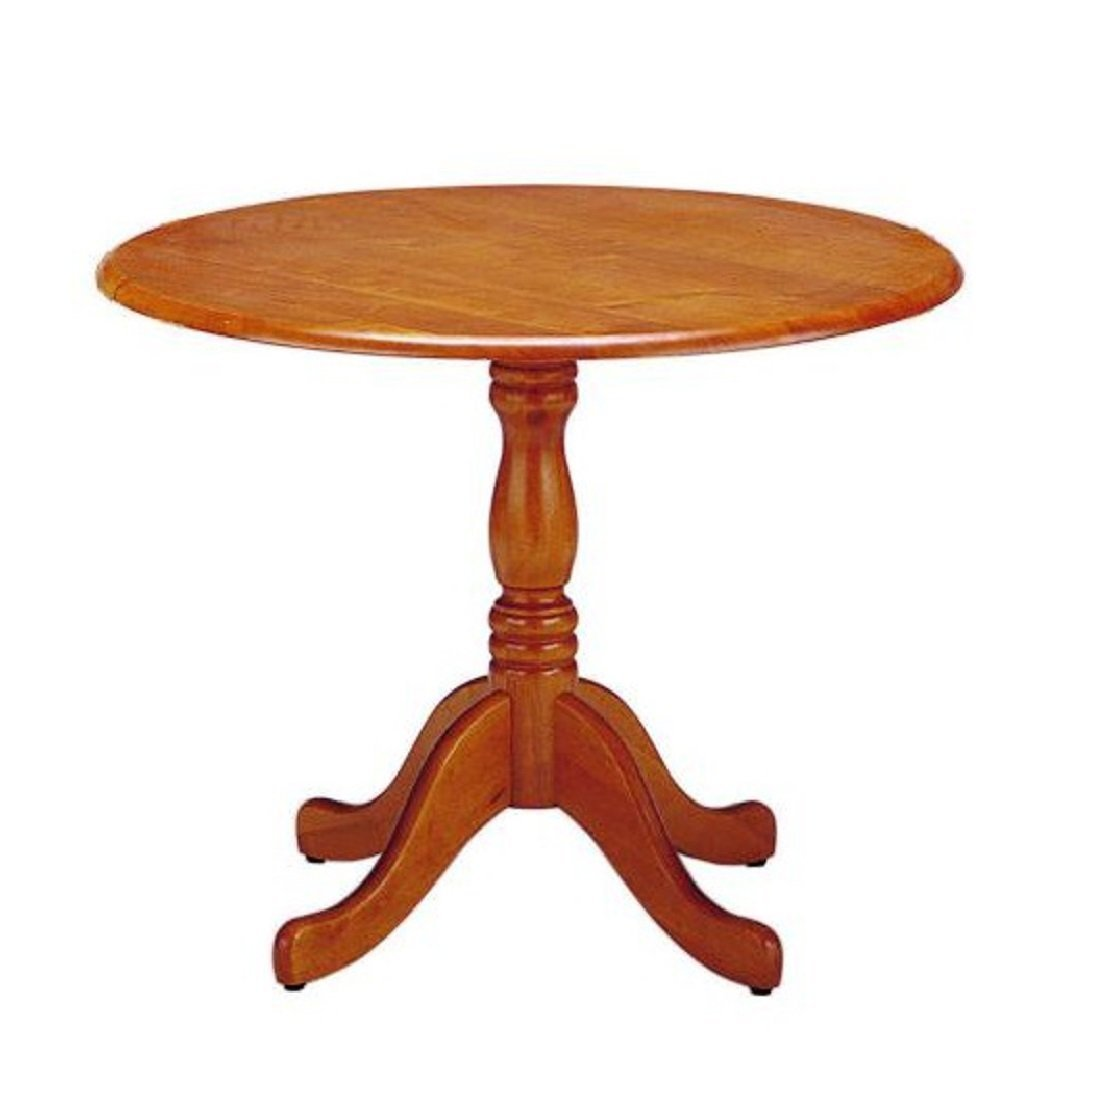 SINAPP 円卓 ラウンドテーブル 木製 天然木 北欧 SIK0297 ブラウン B0771HDGQF